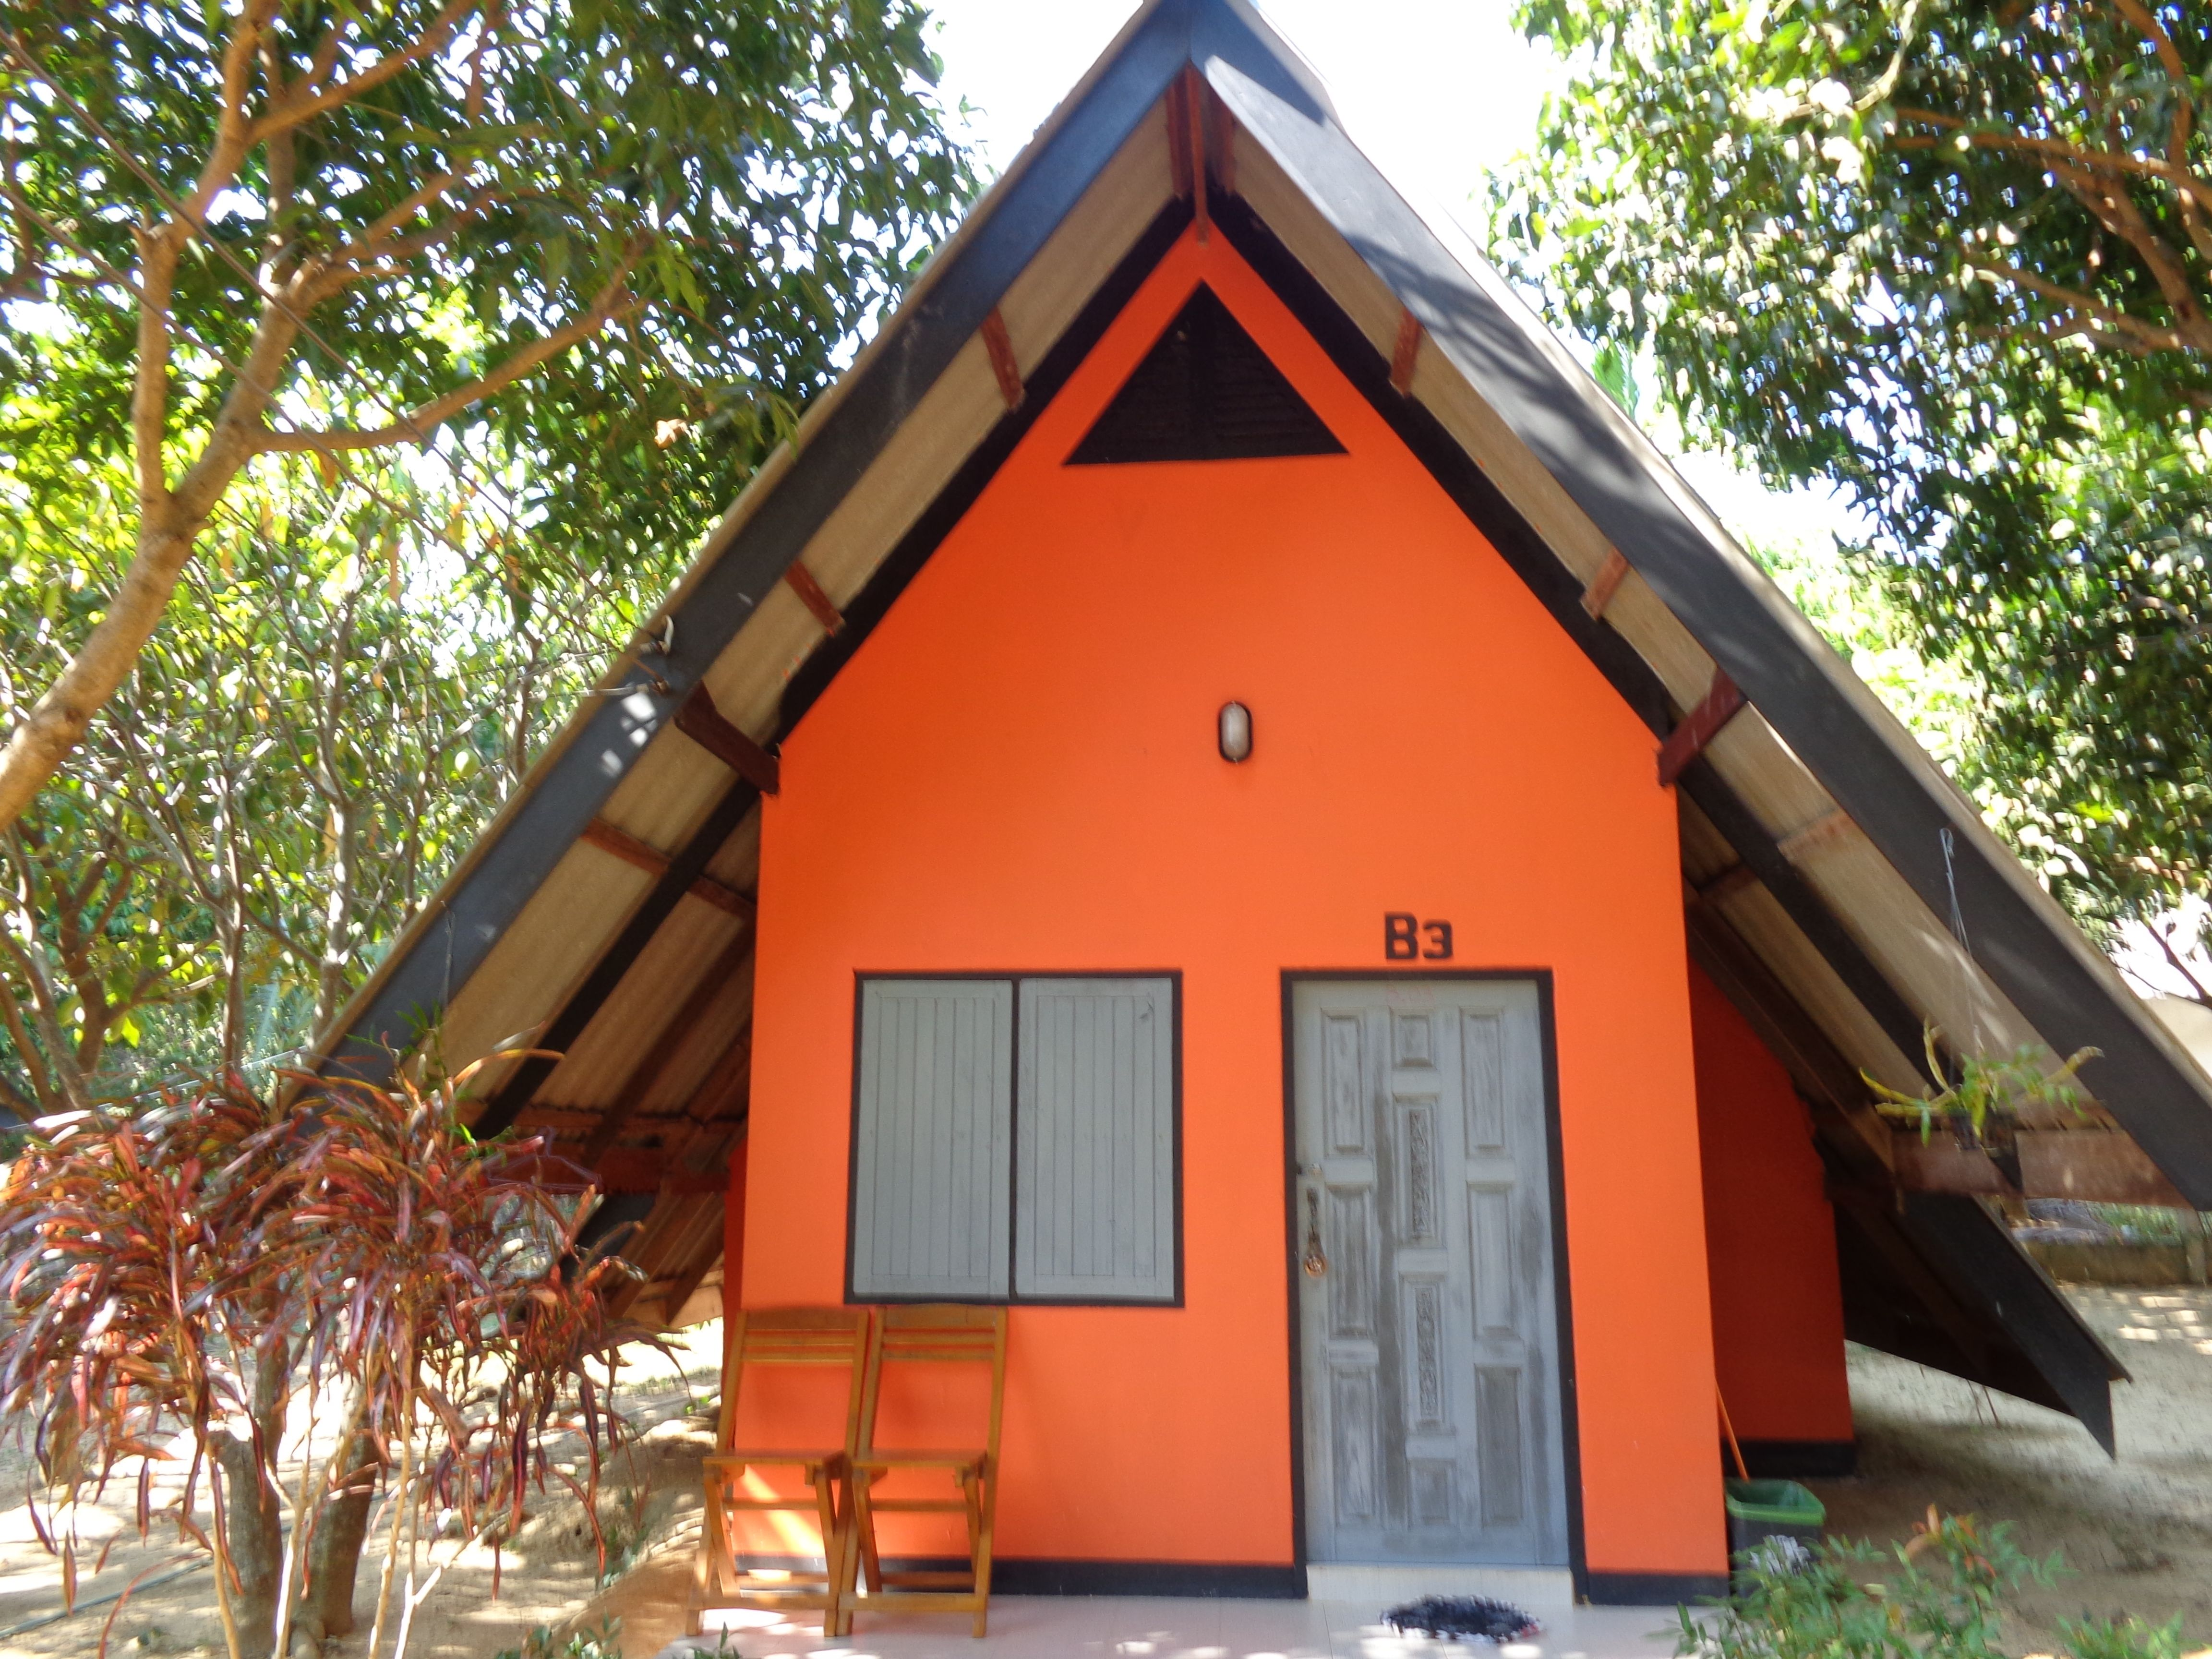 Bungalow-Abenteuer auf Koh Lanta  #Fernreise #Asien #Thailand #KohLanta #Reiseempfehlung #Reisetipps #Reisefinder